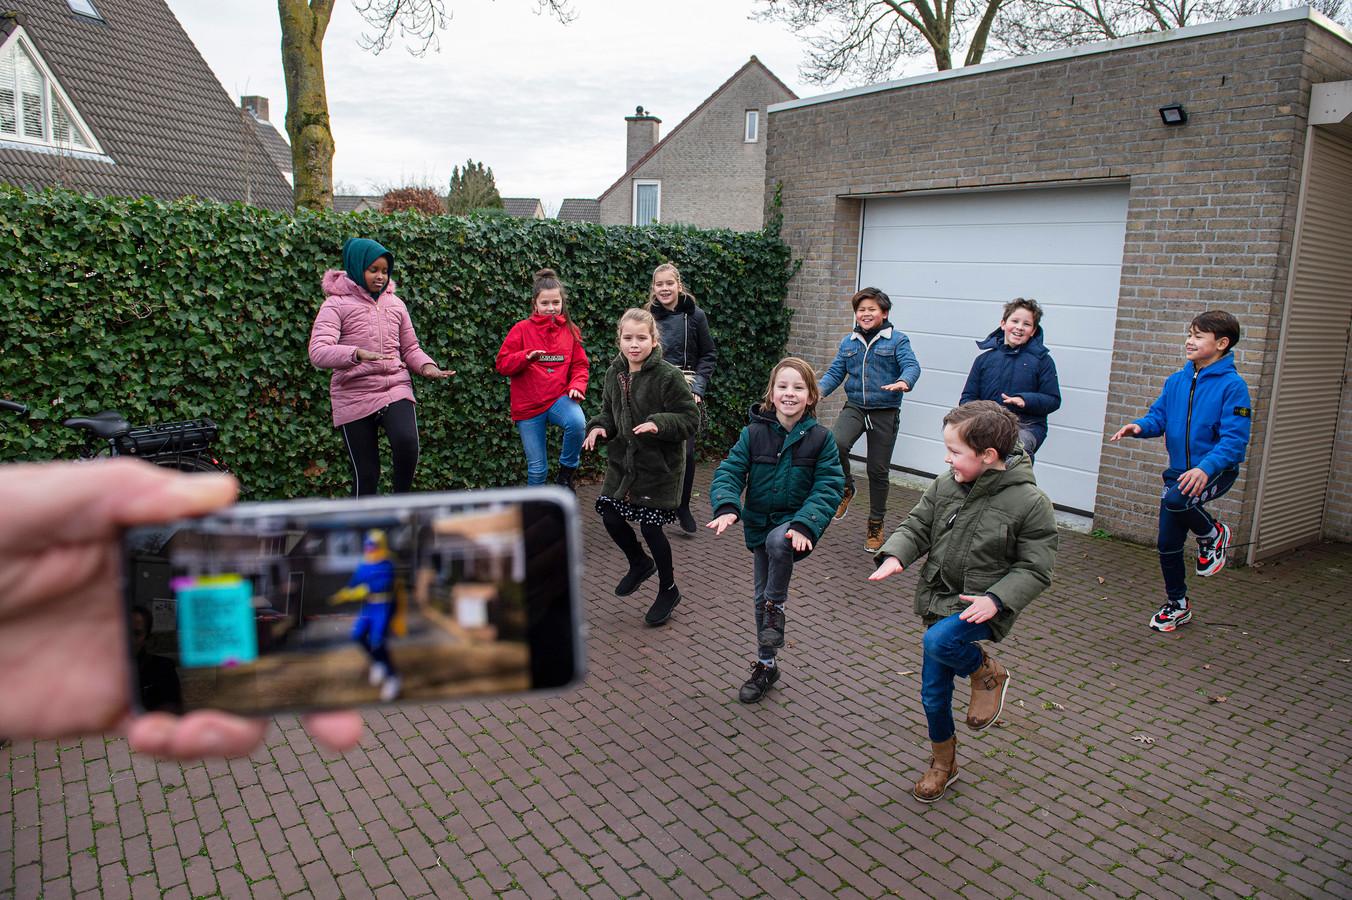 In Goirle hangen her en der QR-codes die na het scannen een bewegingsoefeningen voor de jeugd laten zien.